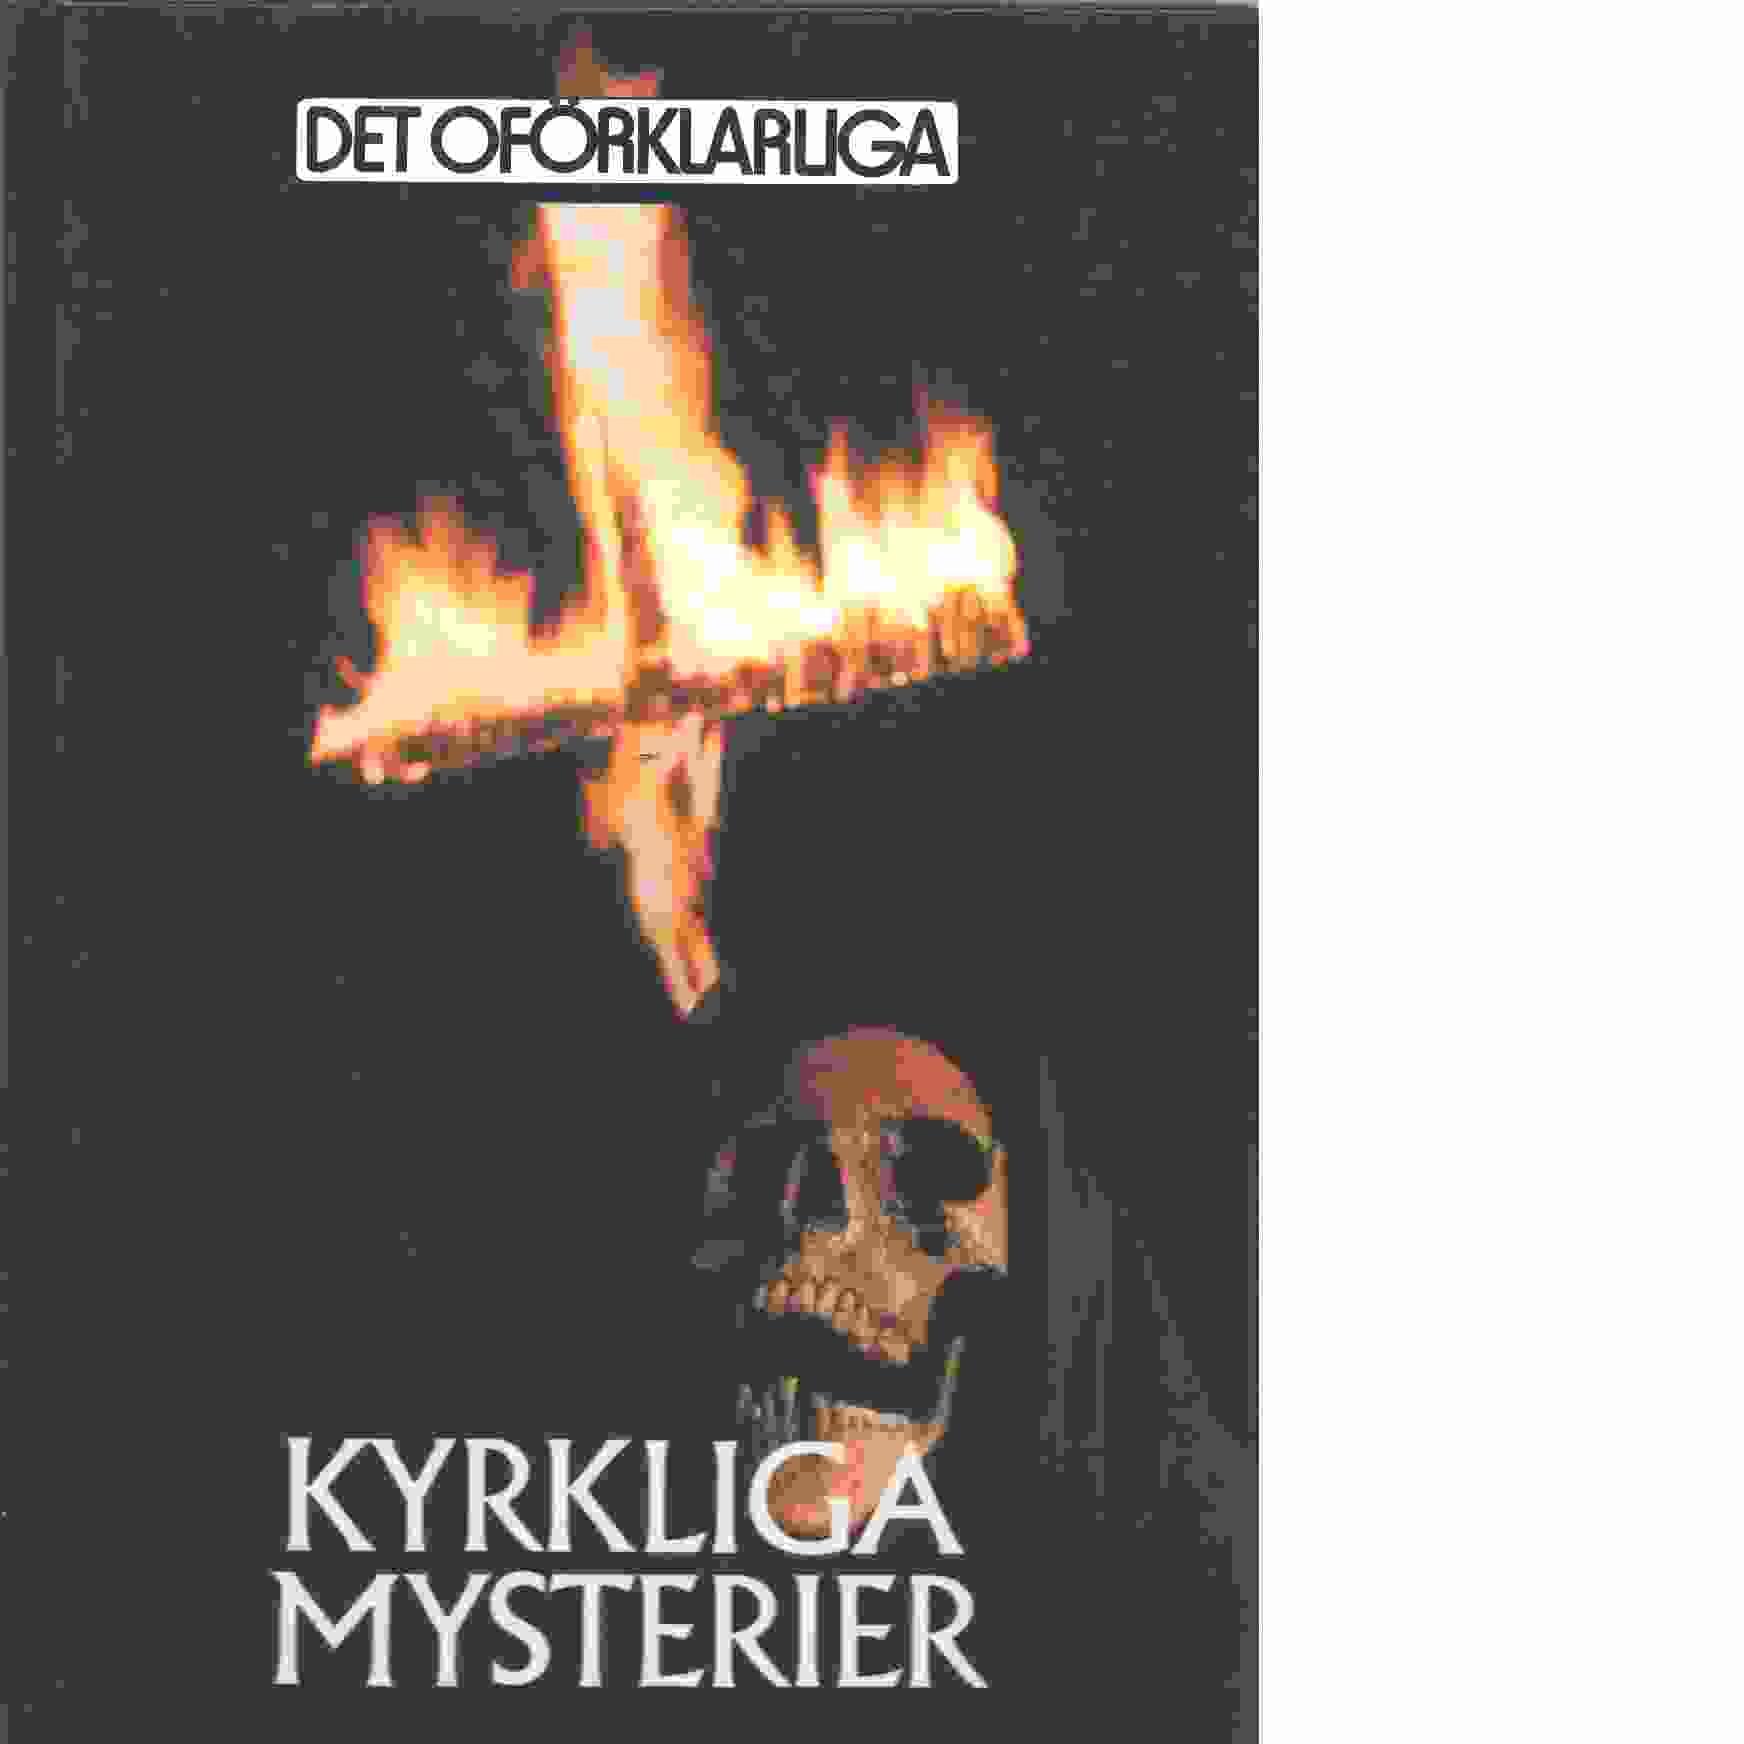 Kyrkliga mysterier : från oförstörbara kroppar till stigmatisering - Brookesmith, Peter